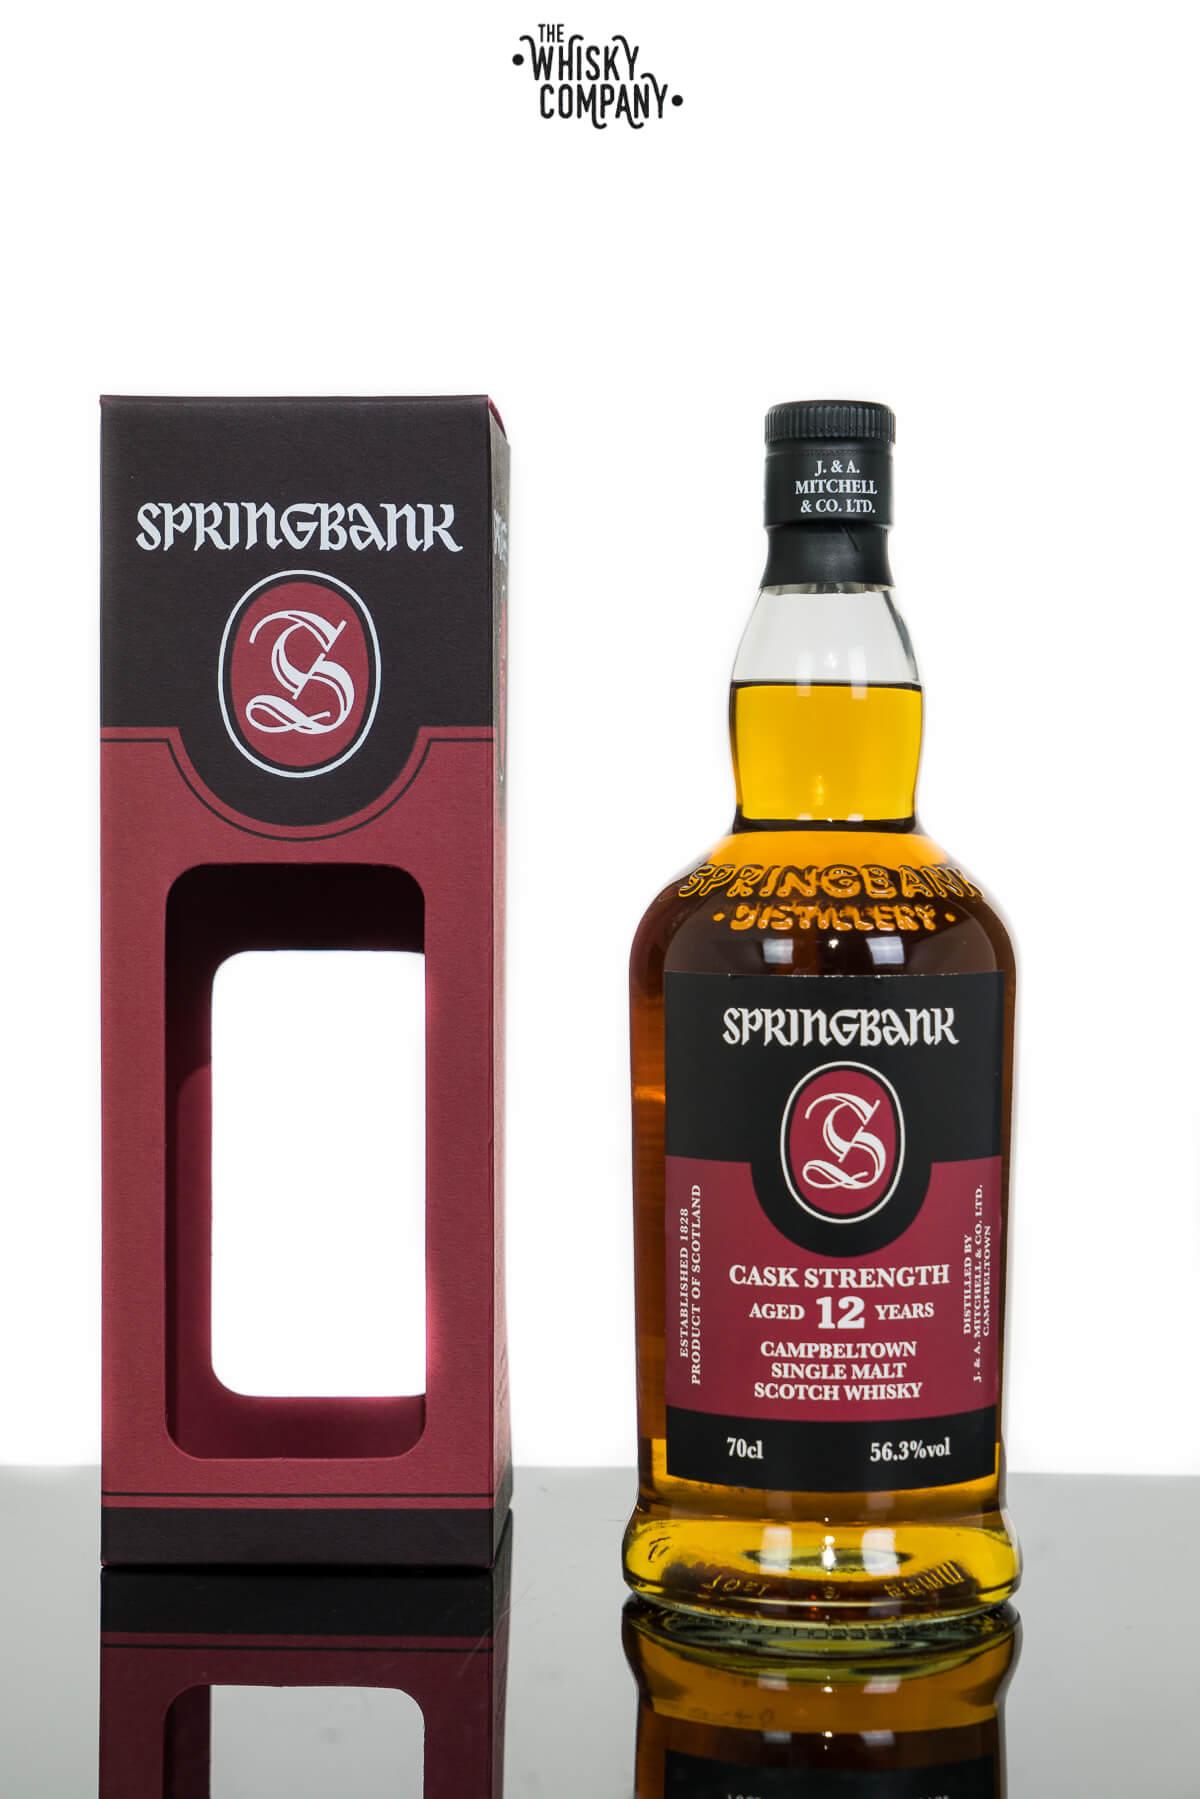 Springbank 12 Years Old Cask Strength Batch 16 Single Malt Scotch Whisky (700ml)